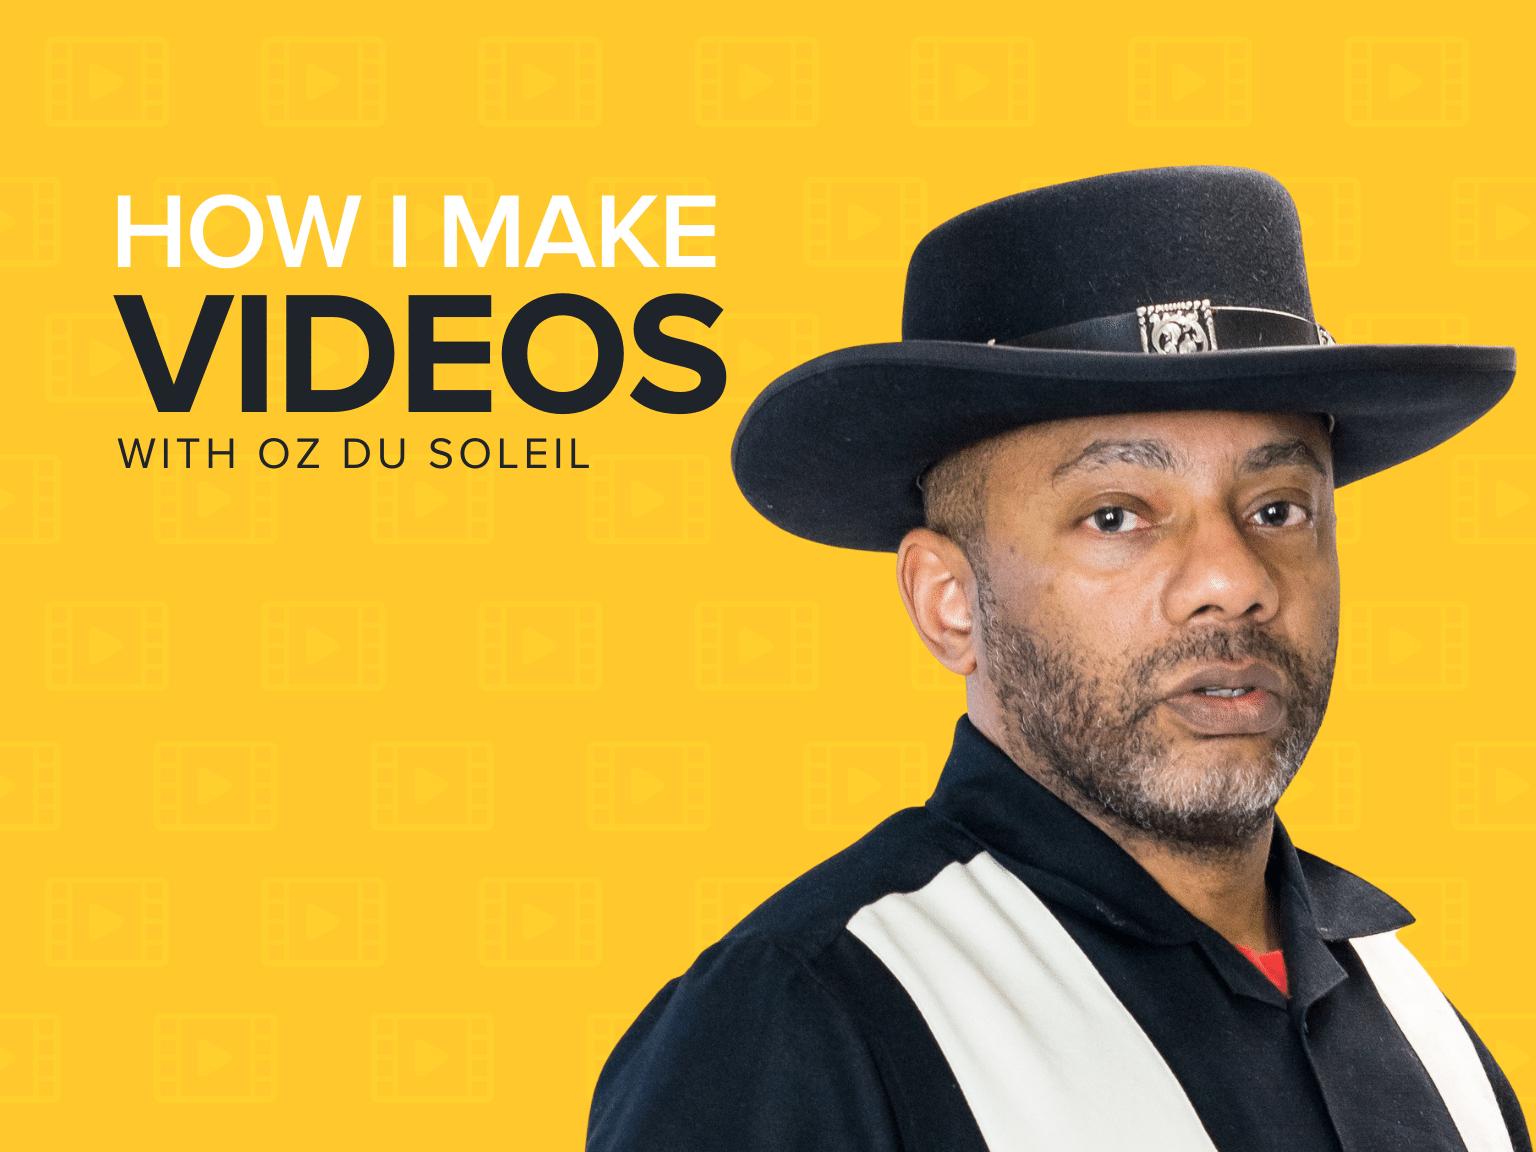 How I Make Videos | Oz du Soleil